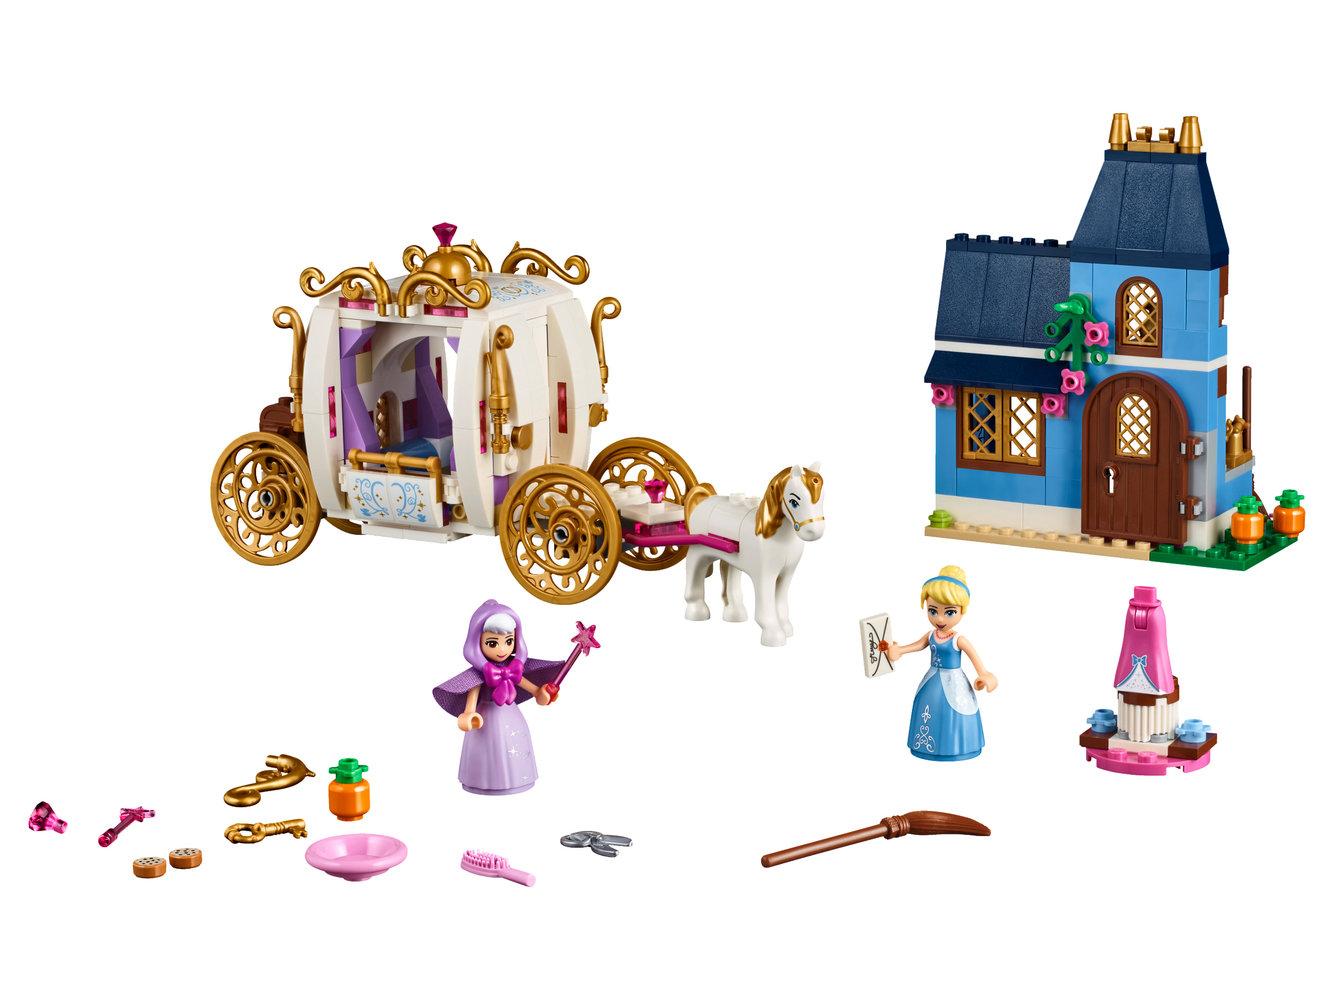 Cinderella's Enchanted Evening